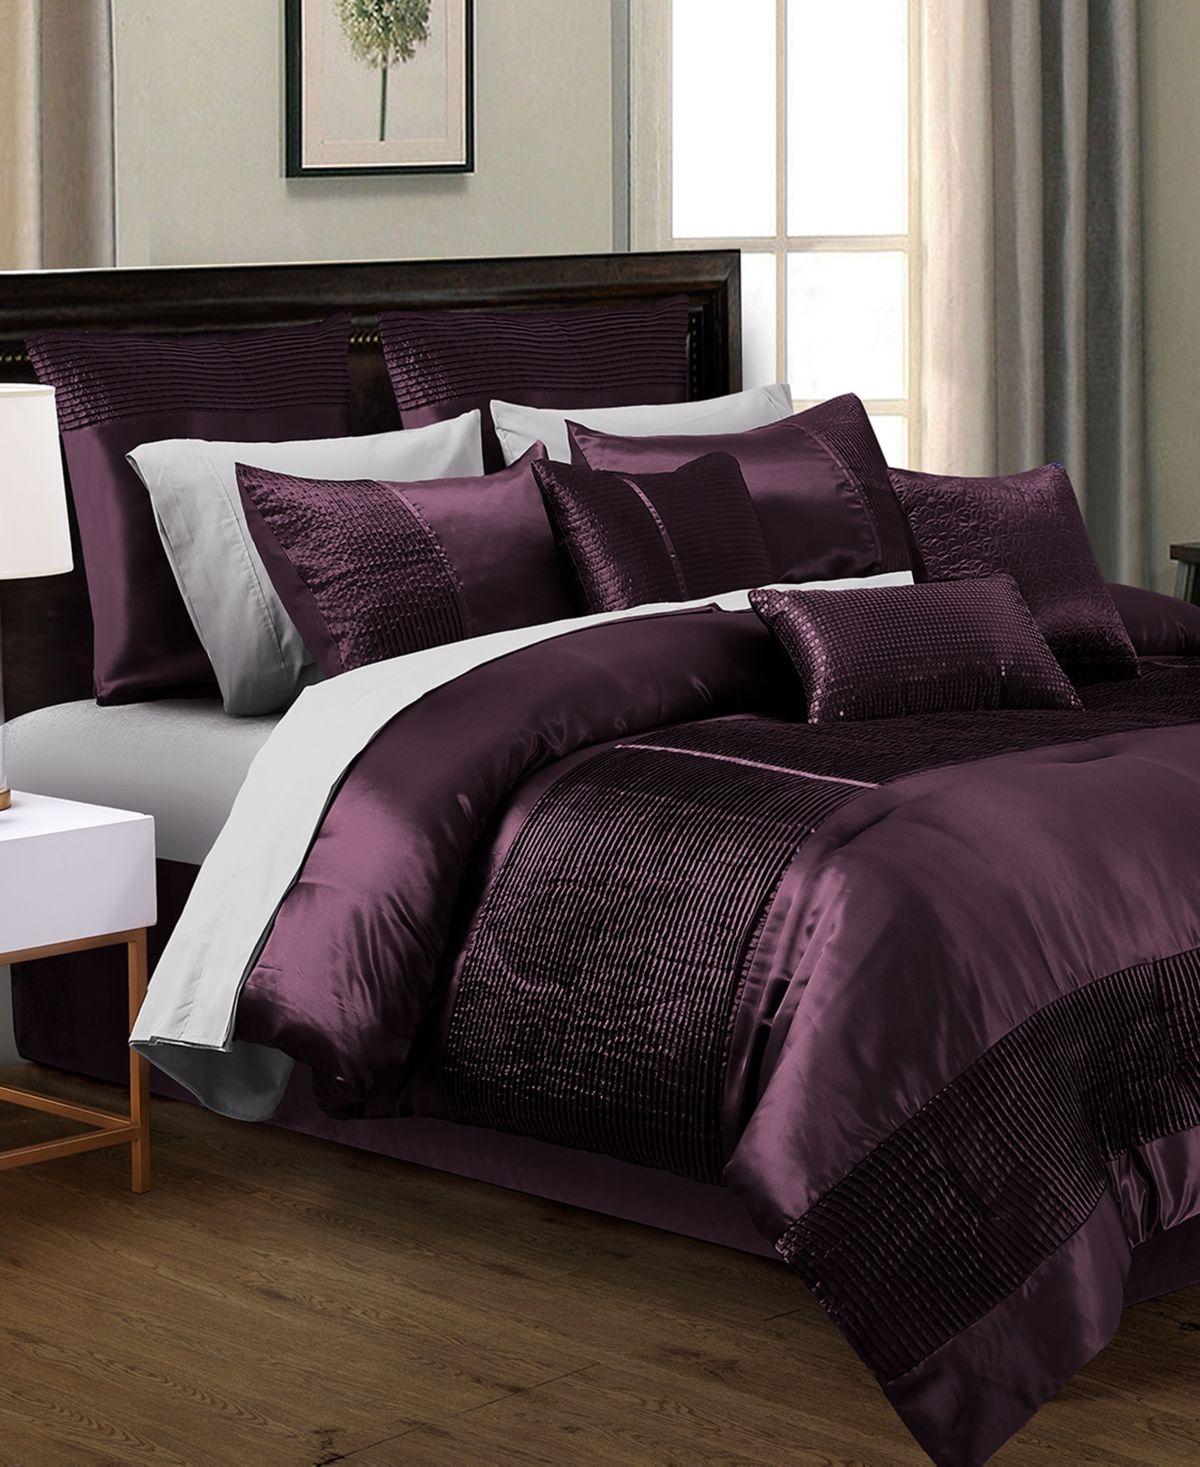 Kellen 200 Thread Count 14 Pc California King Comforter Set Luxury Bedding Bedroom Comforter Sets Comforter Sets Purple california king comforter sets